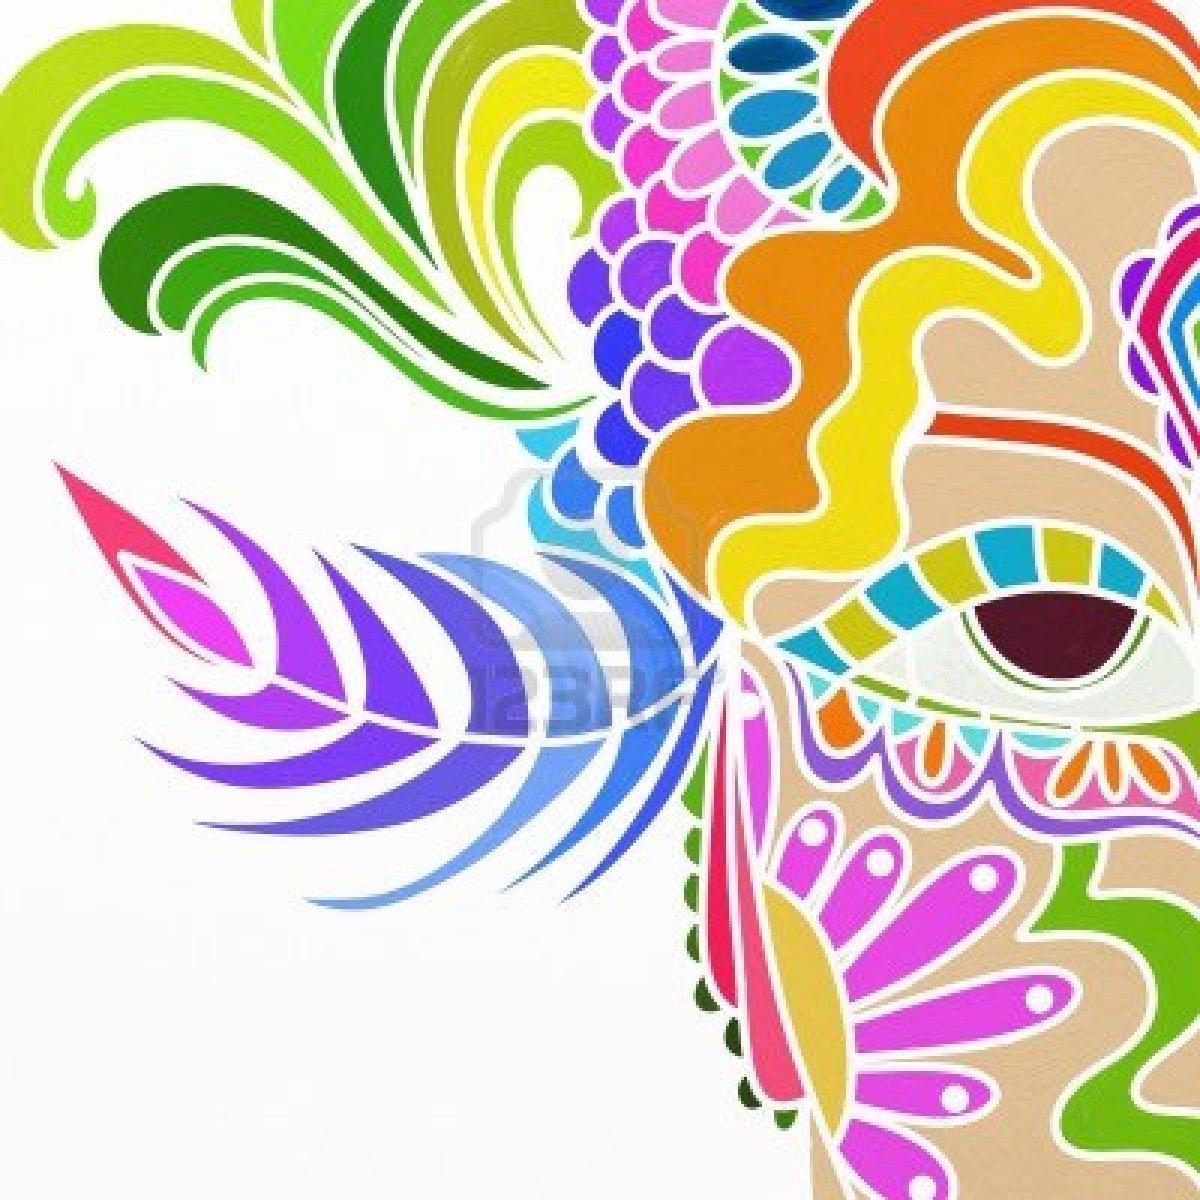 Carnival fever soca calypso j 39 ouvert mas costume - Disfrazes para carnavales ...